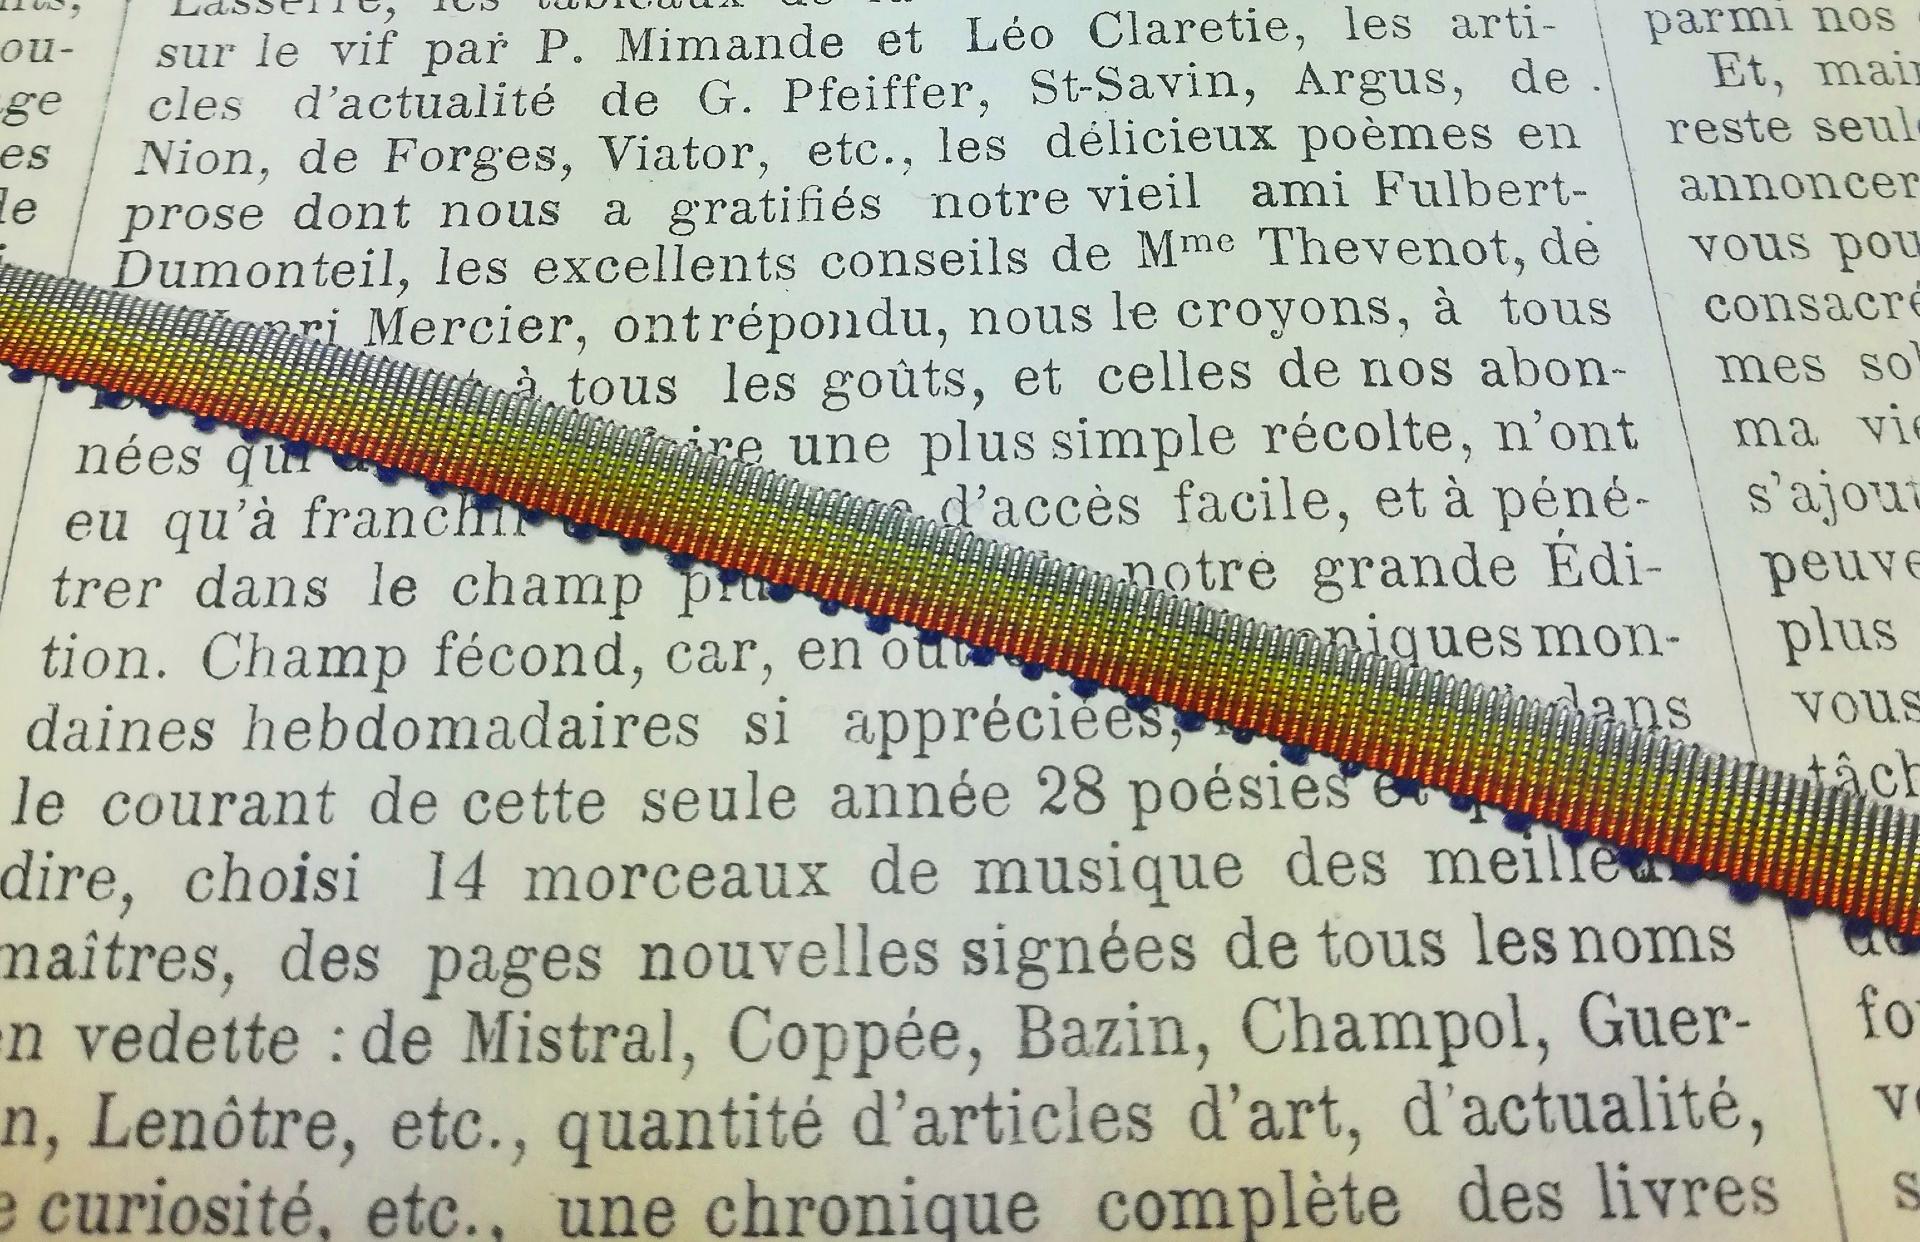 18e eeuwse Ombre lint versch. kleuren